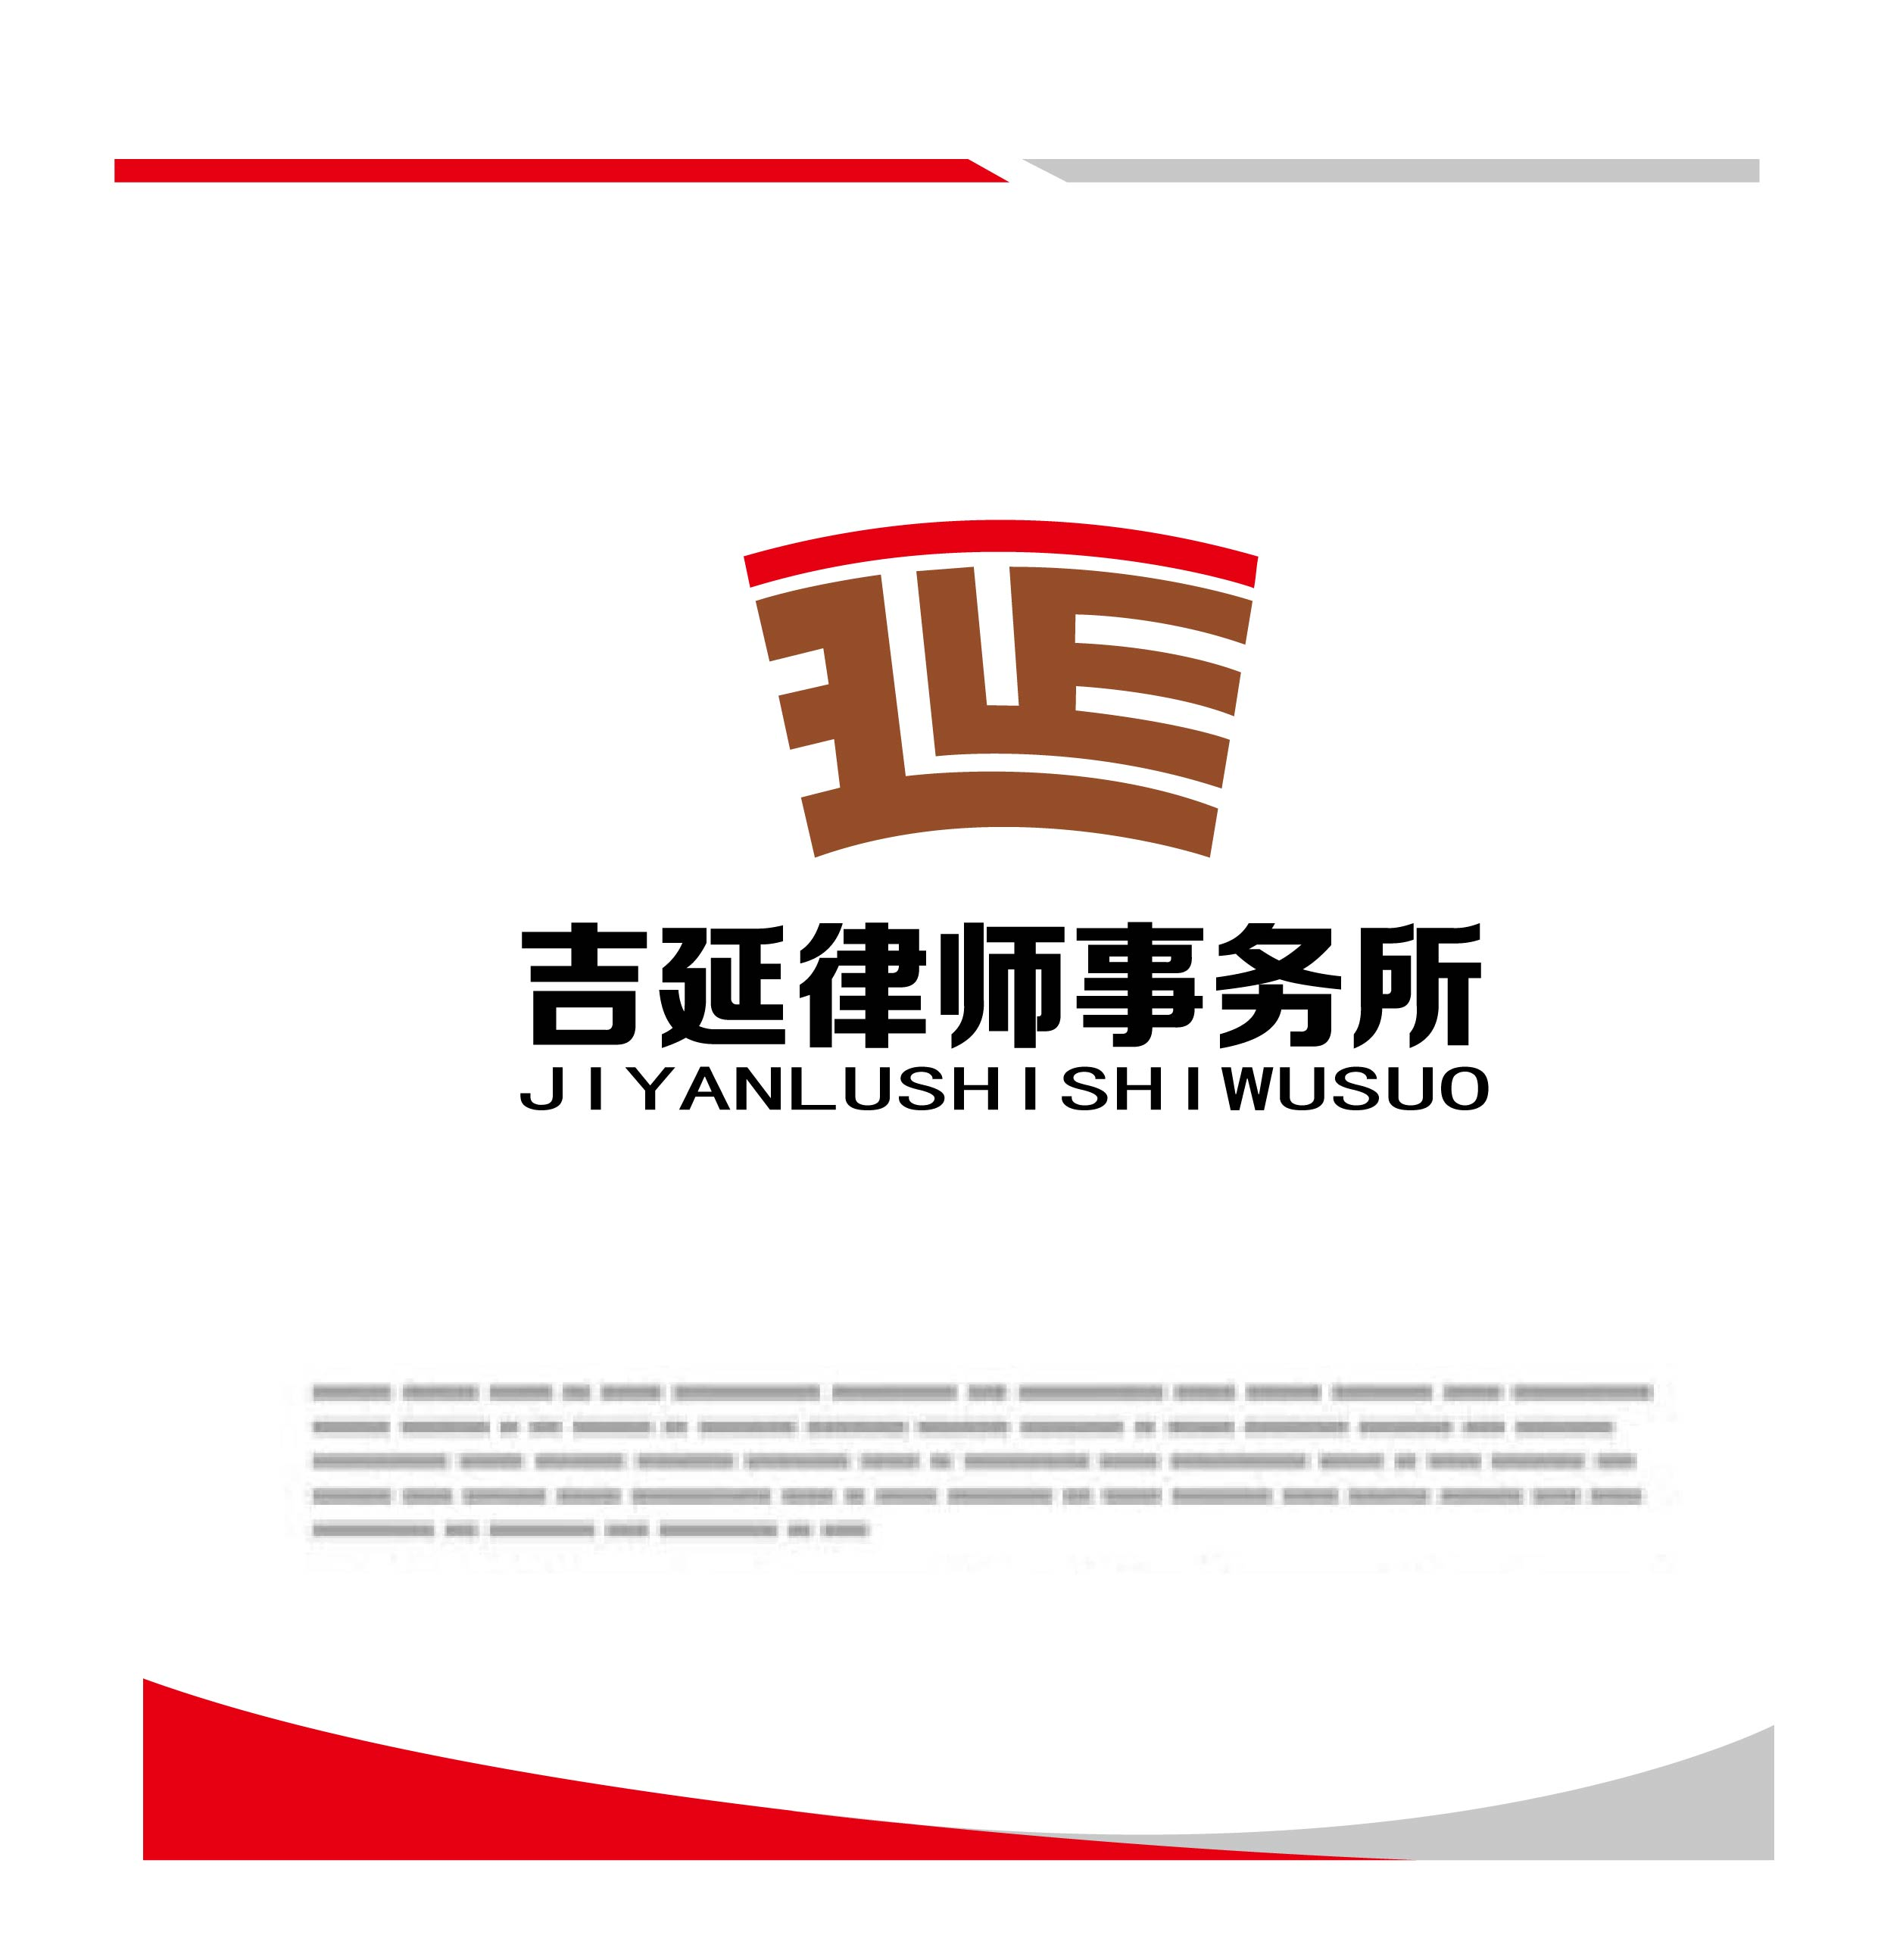 吉延律師事務所logo設計